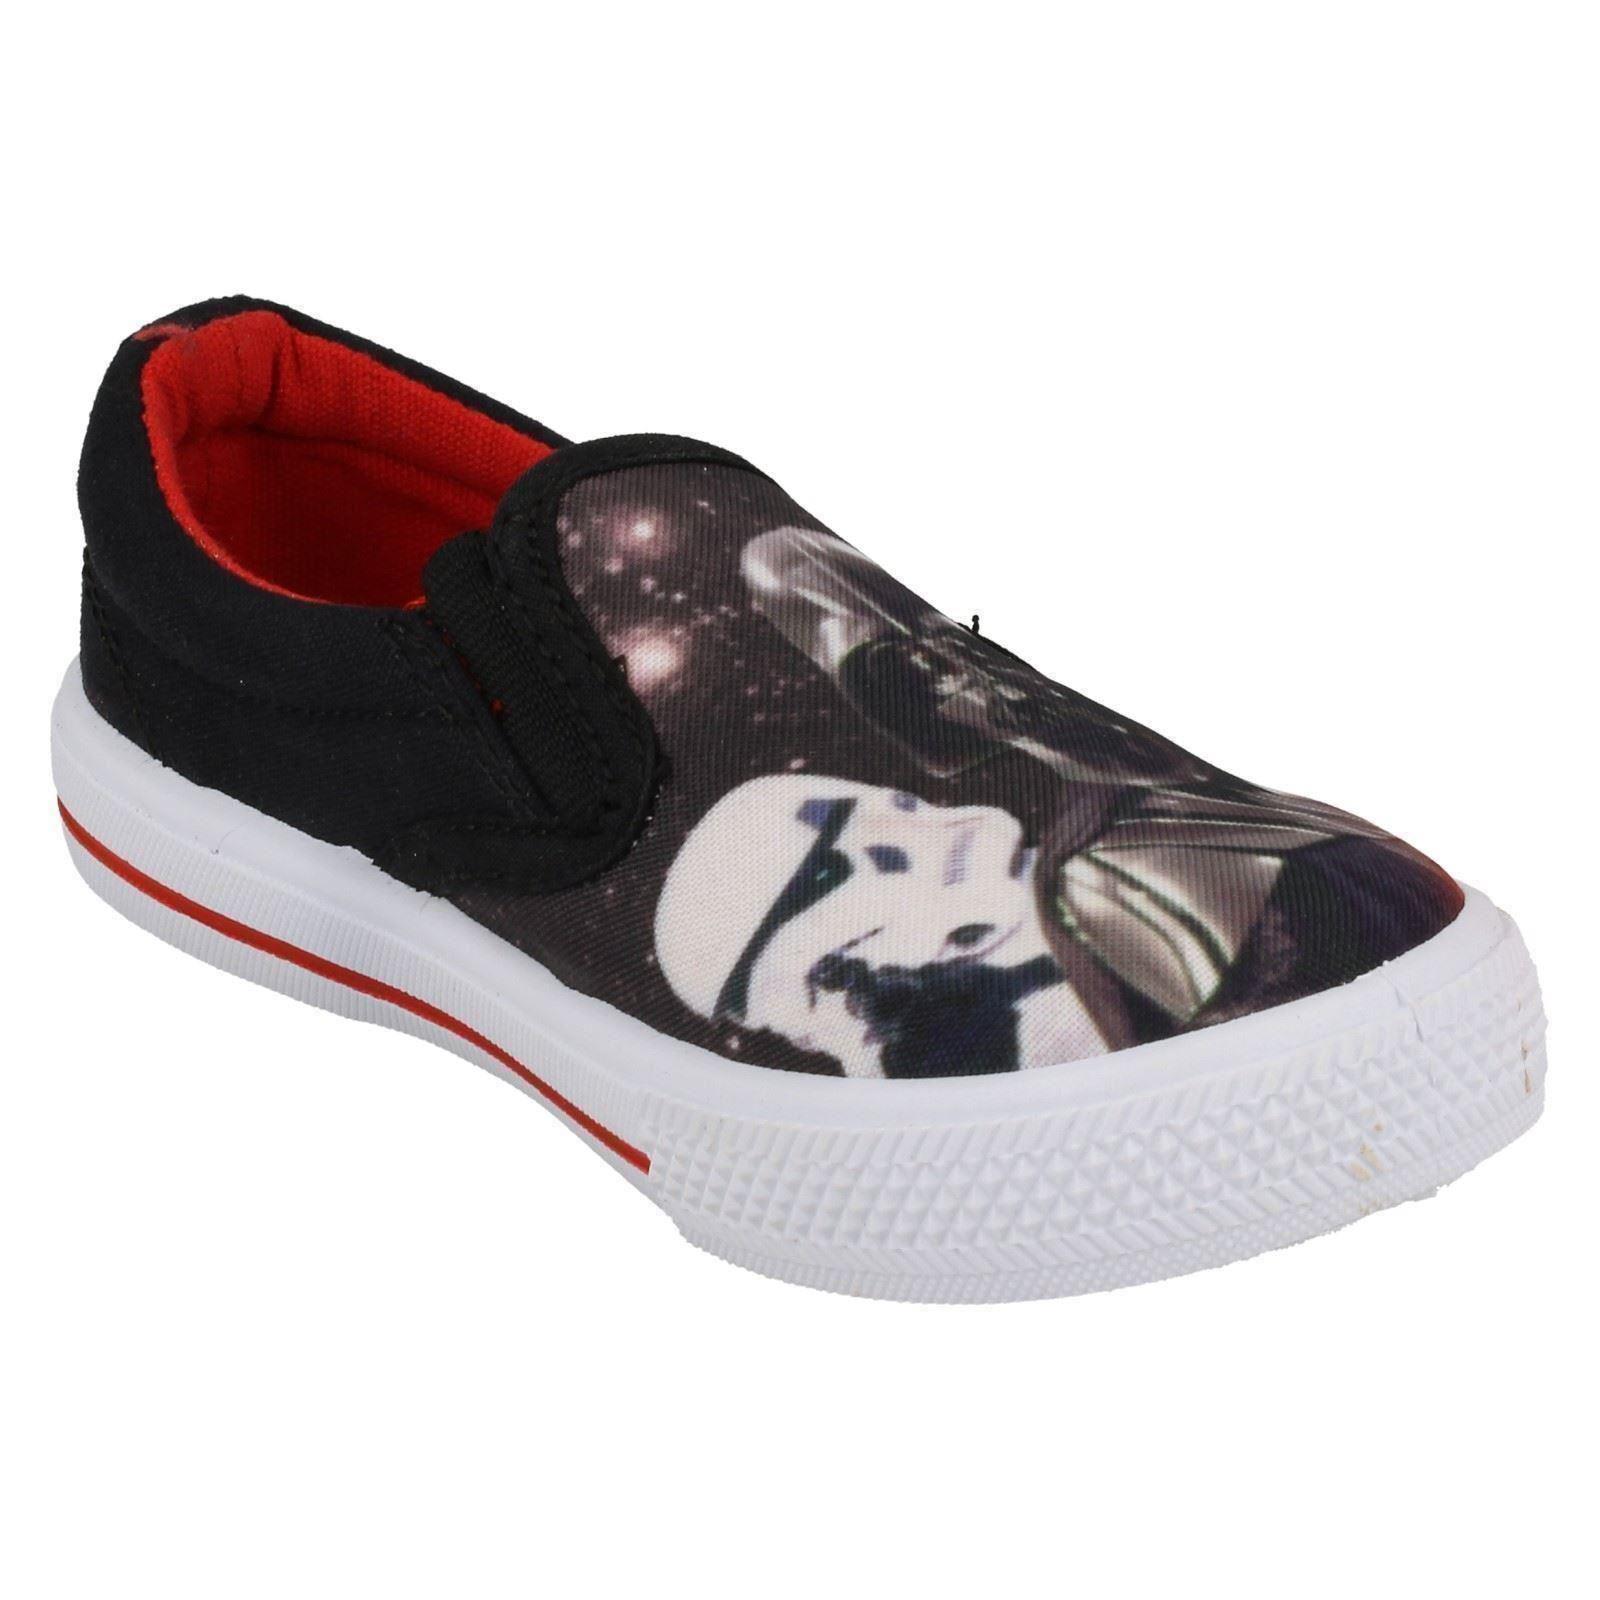 Garcons-Star-Wars-Slip-Sur-Toile-Chaussure-Fairview